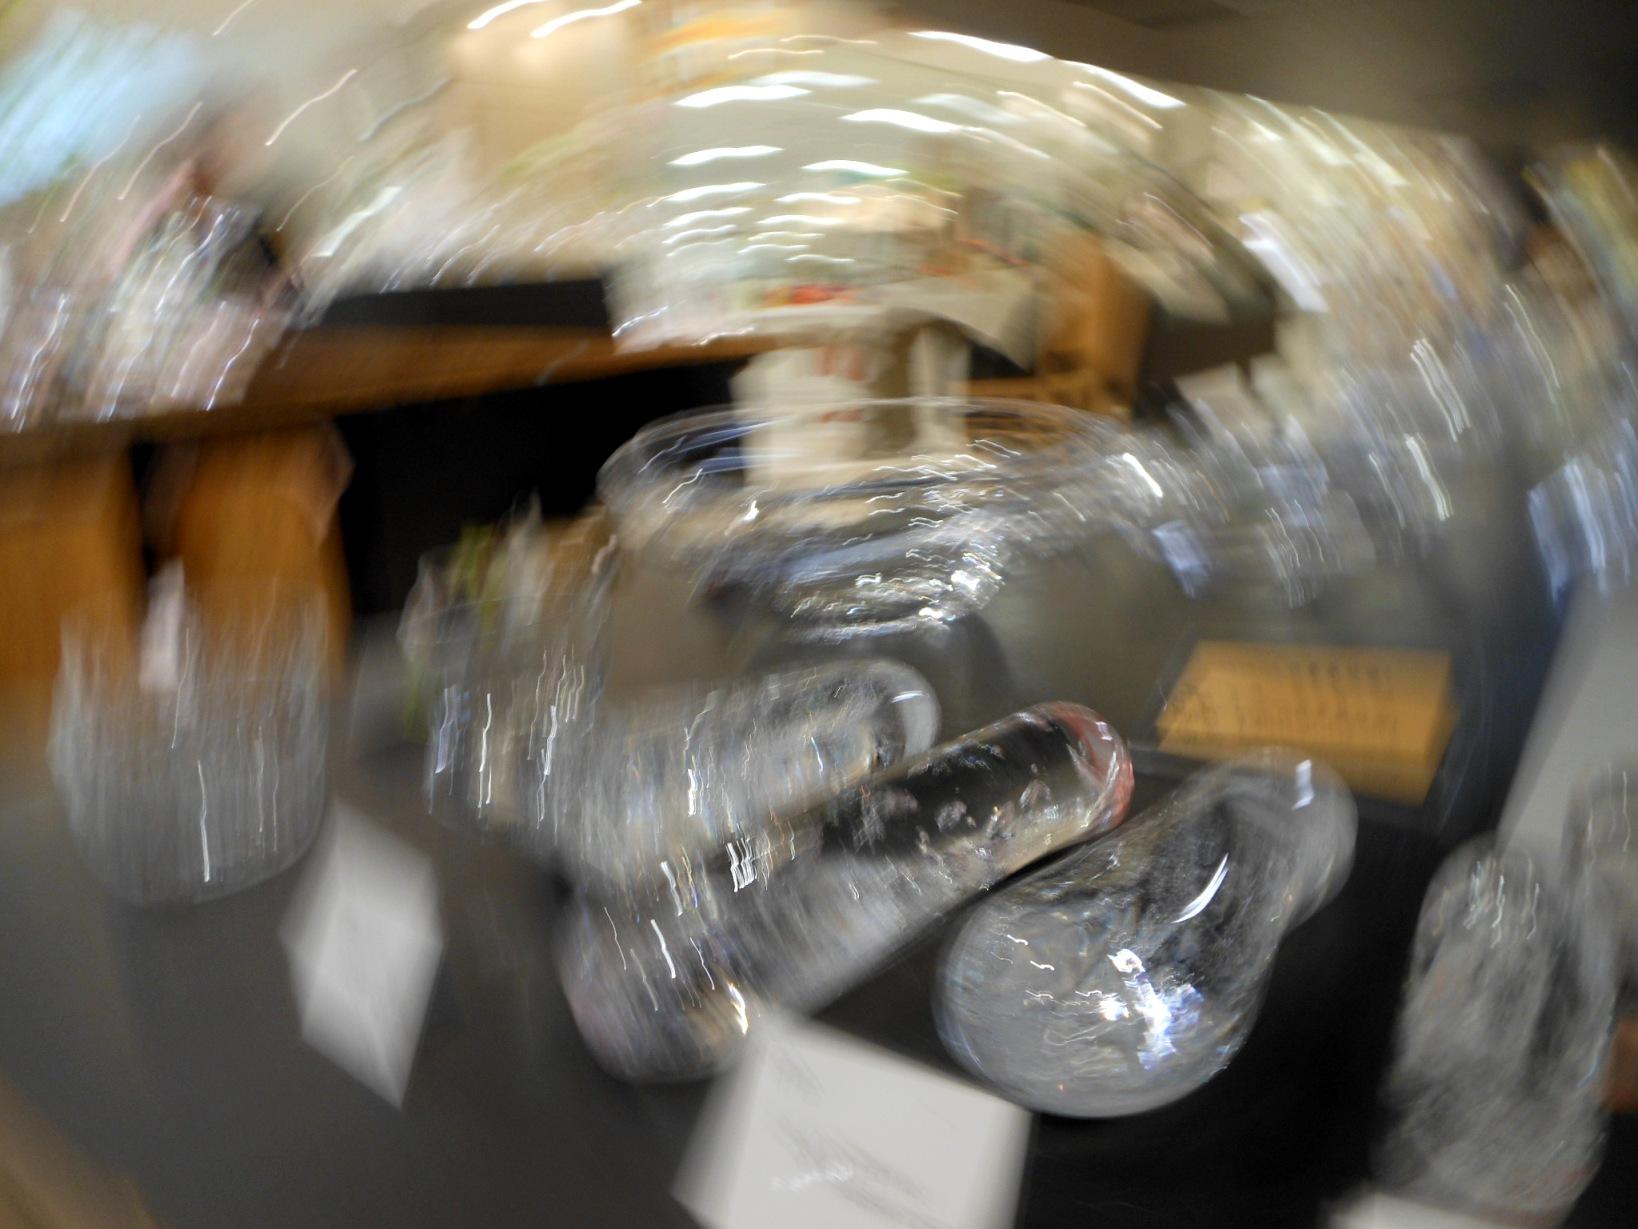 1782)「高臣大介・ガラス展 (即売展)」 大丸札幌7階 5月30日(水)~6月5日(火)  _f0126829_8322667.jpg